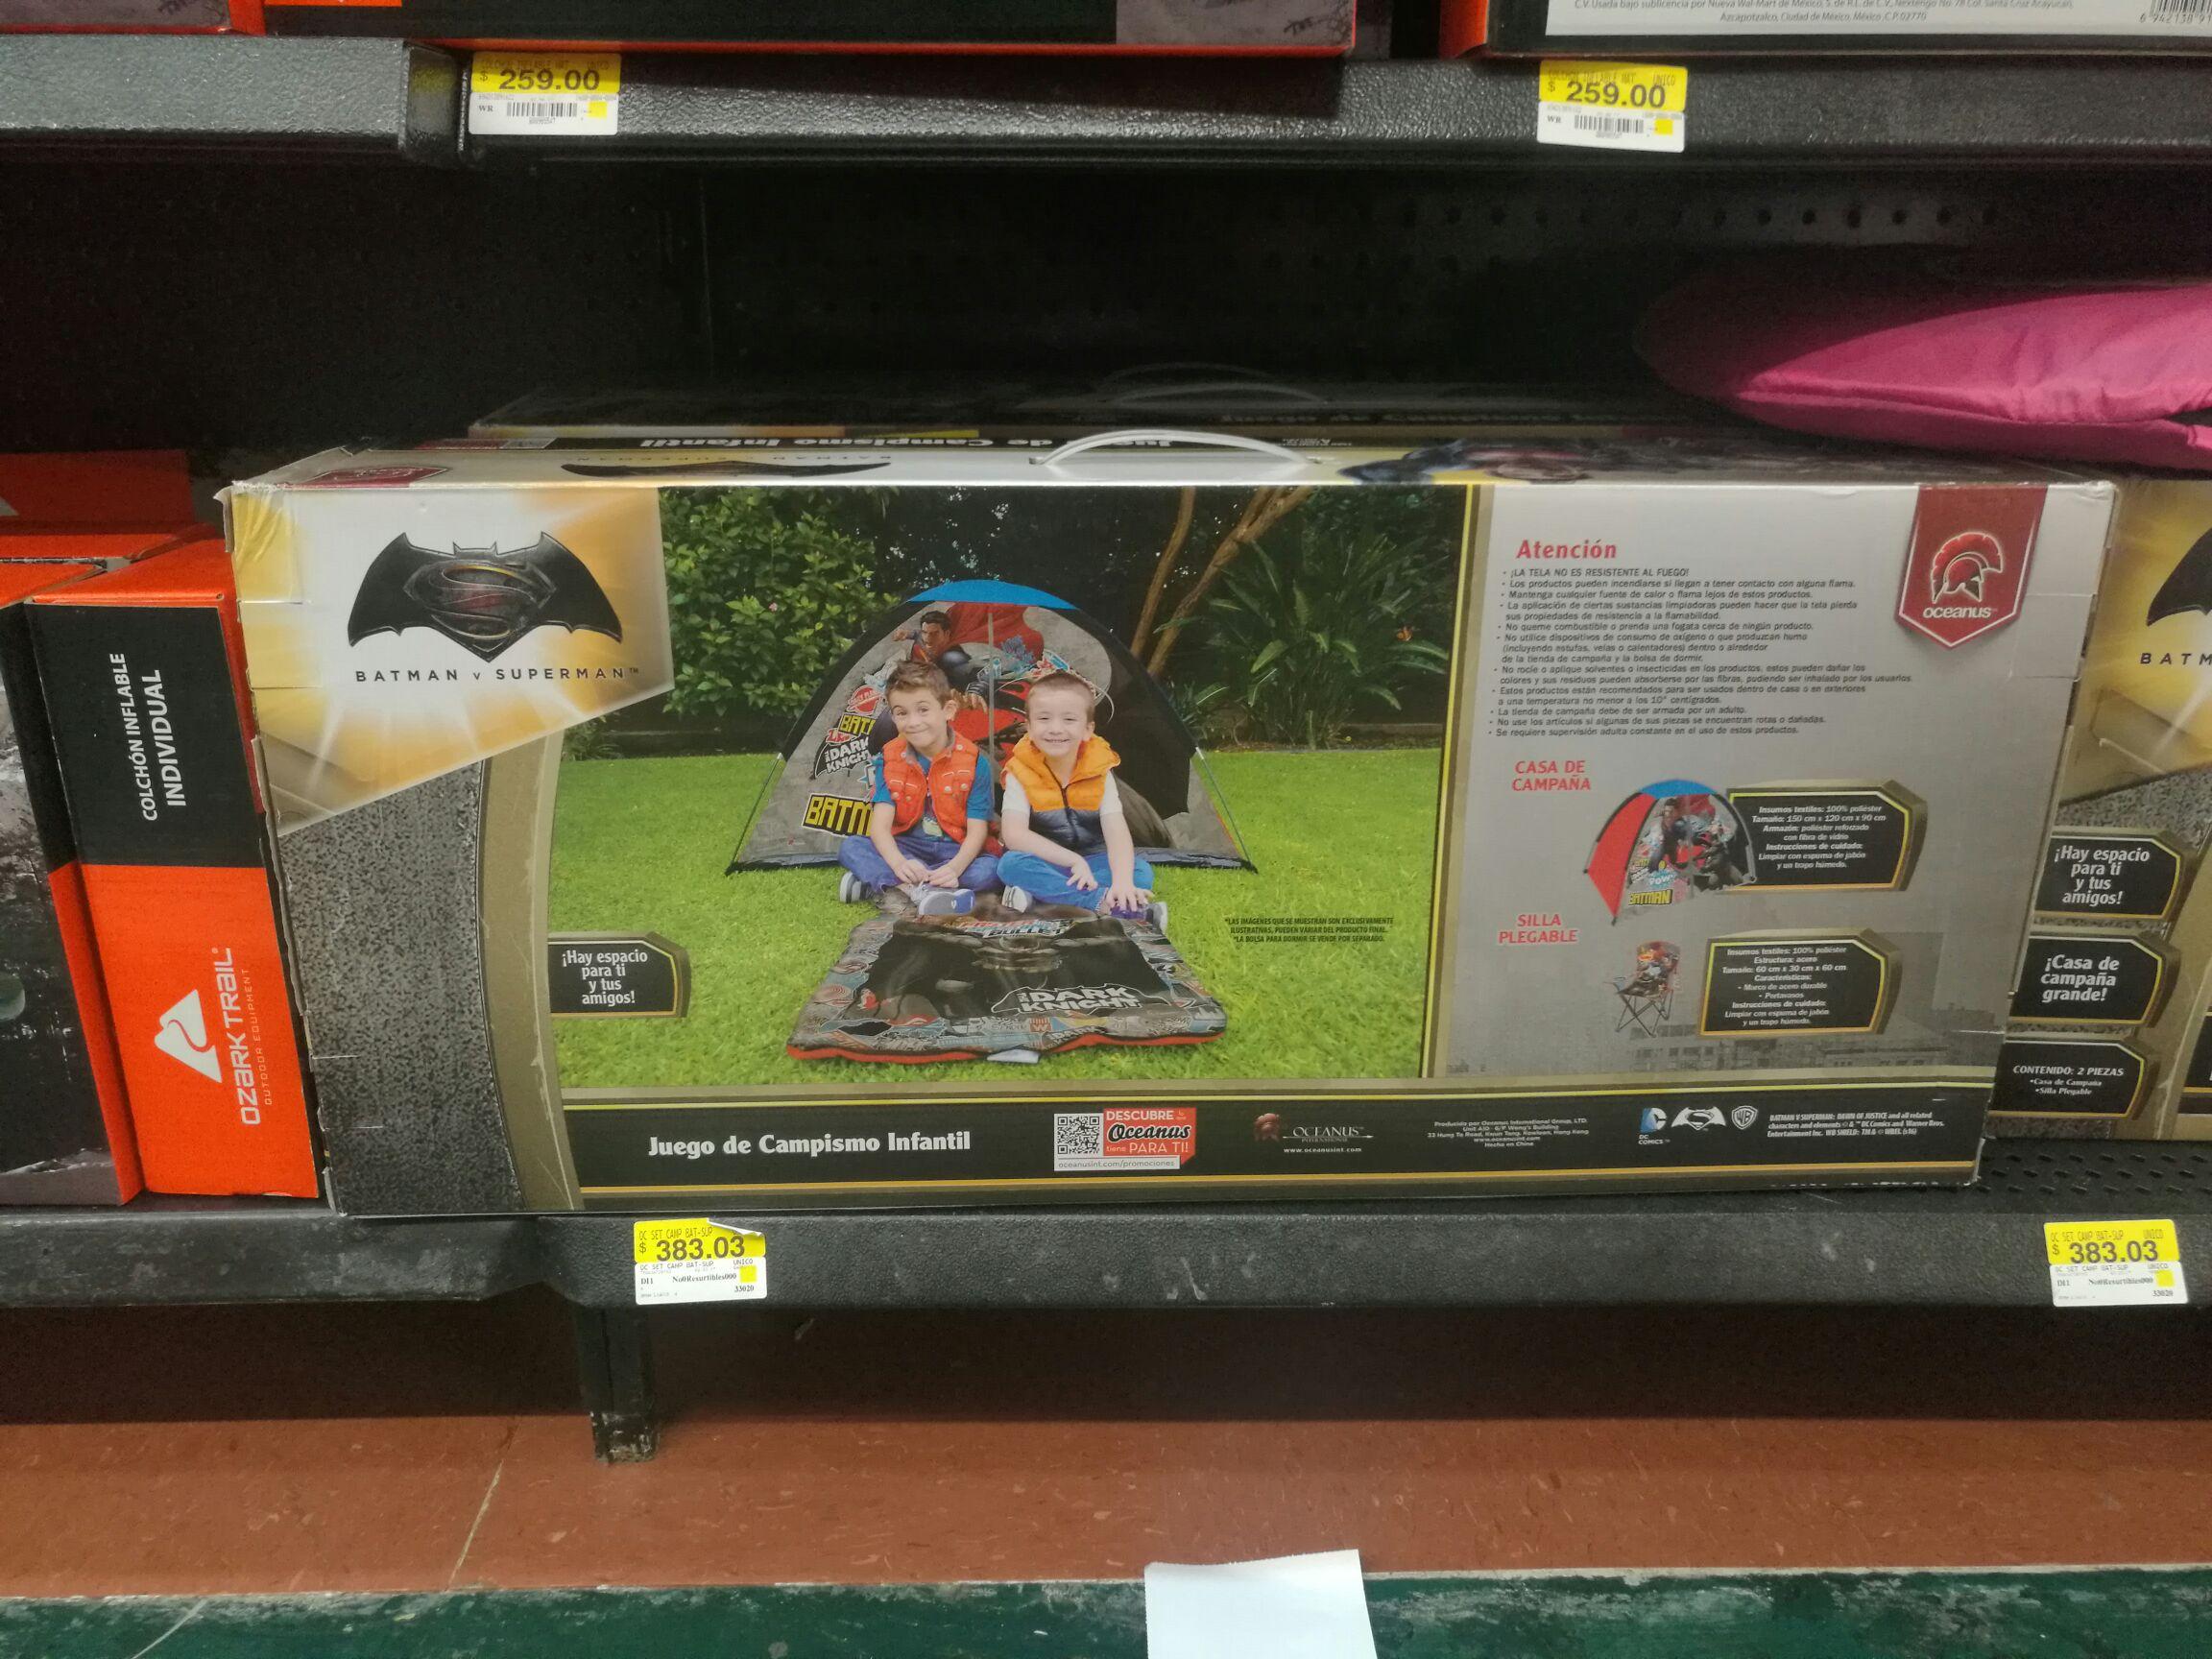 Walmart Montejo: juego de campismo infantil a $275.02